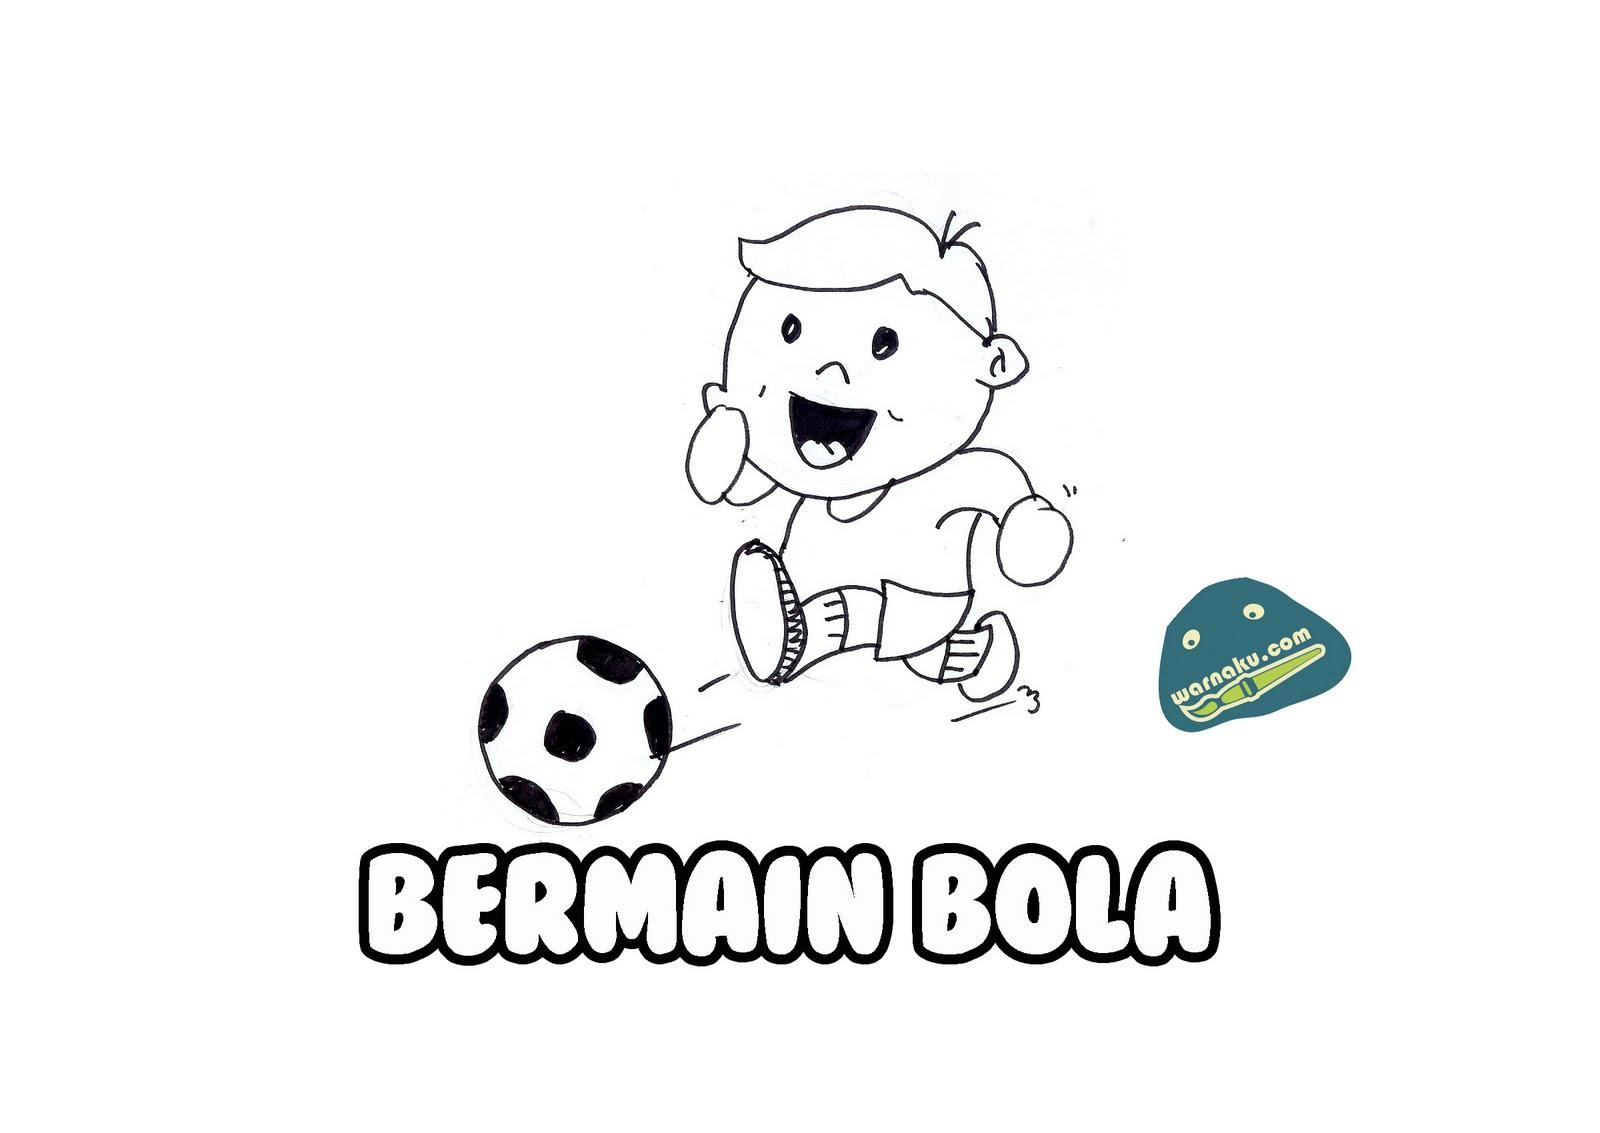 Gambar Sketsa Anak Bermain Bola | Sobsketsa